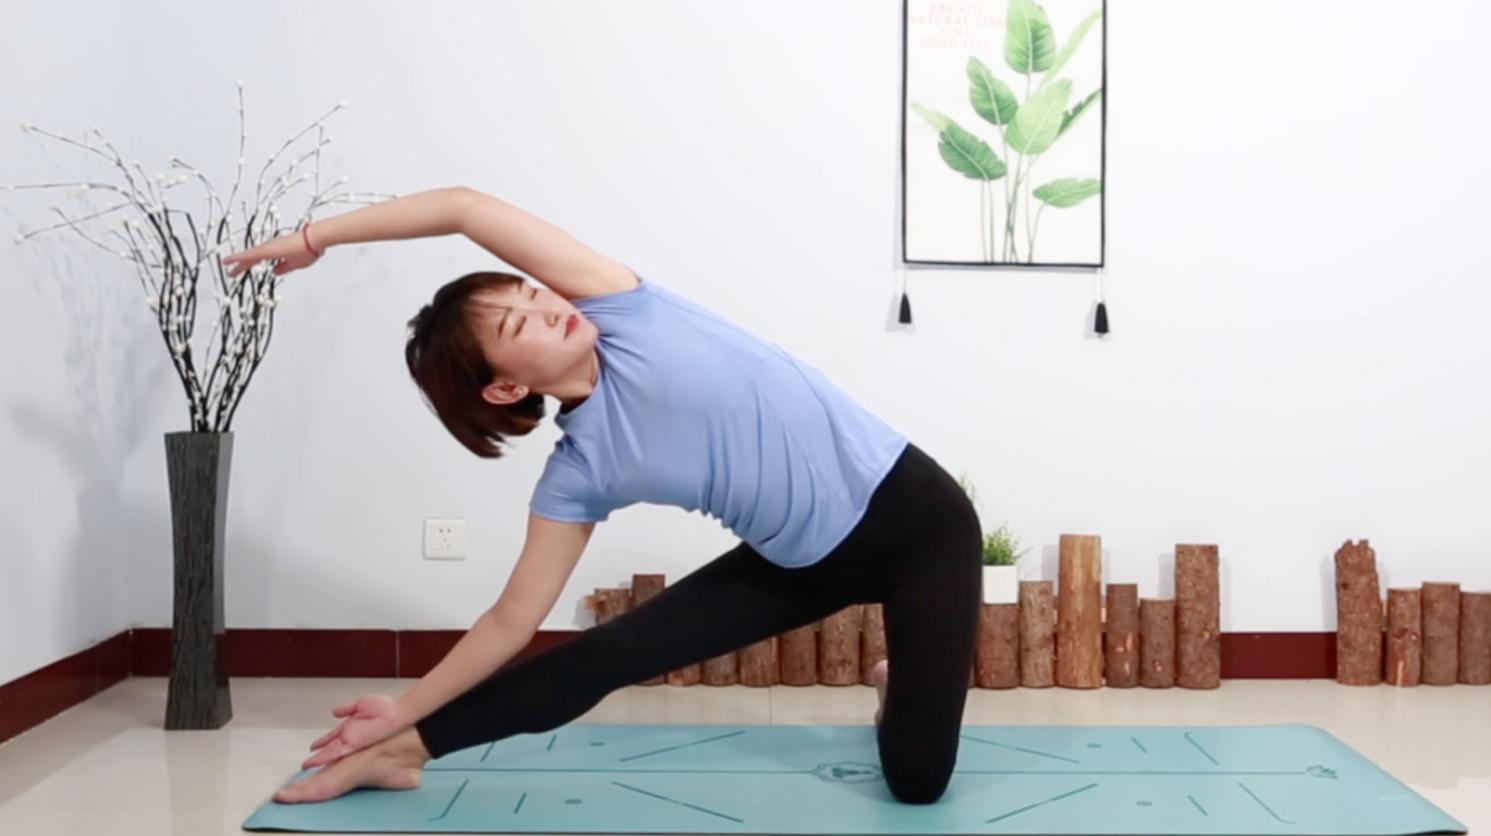 女性瑜伽:1个动作,促进骨盆区域血液循环,缓解痛经